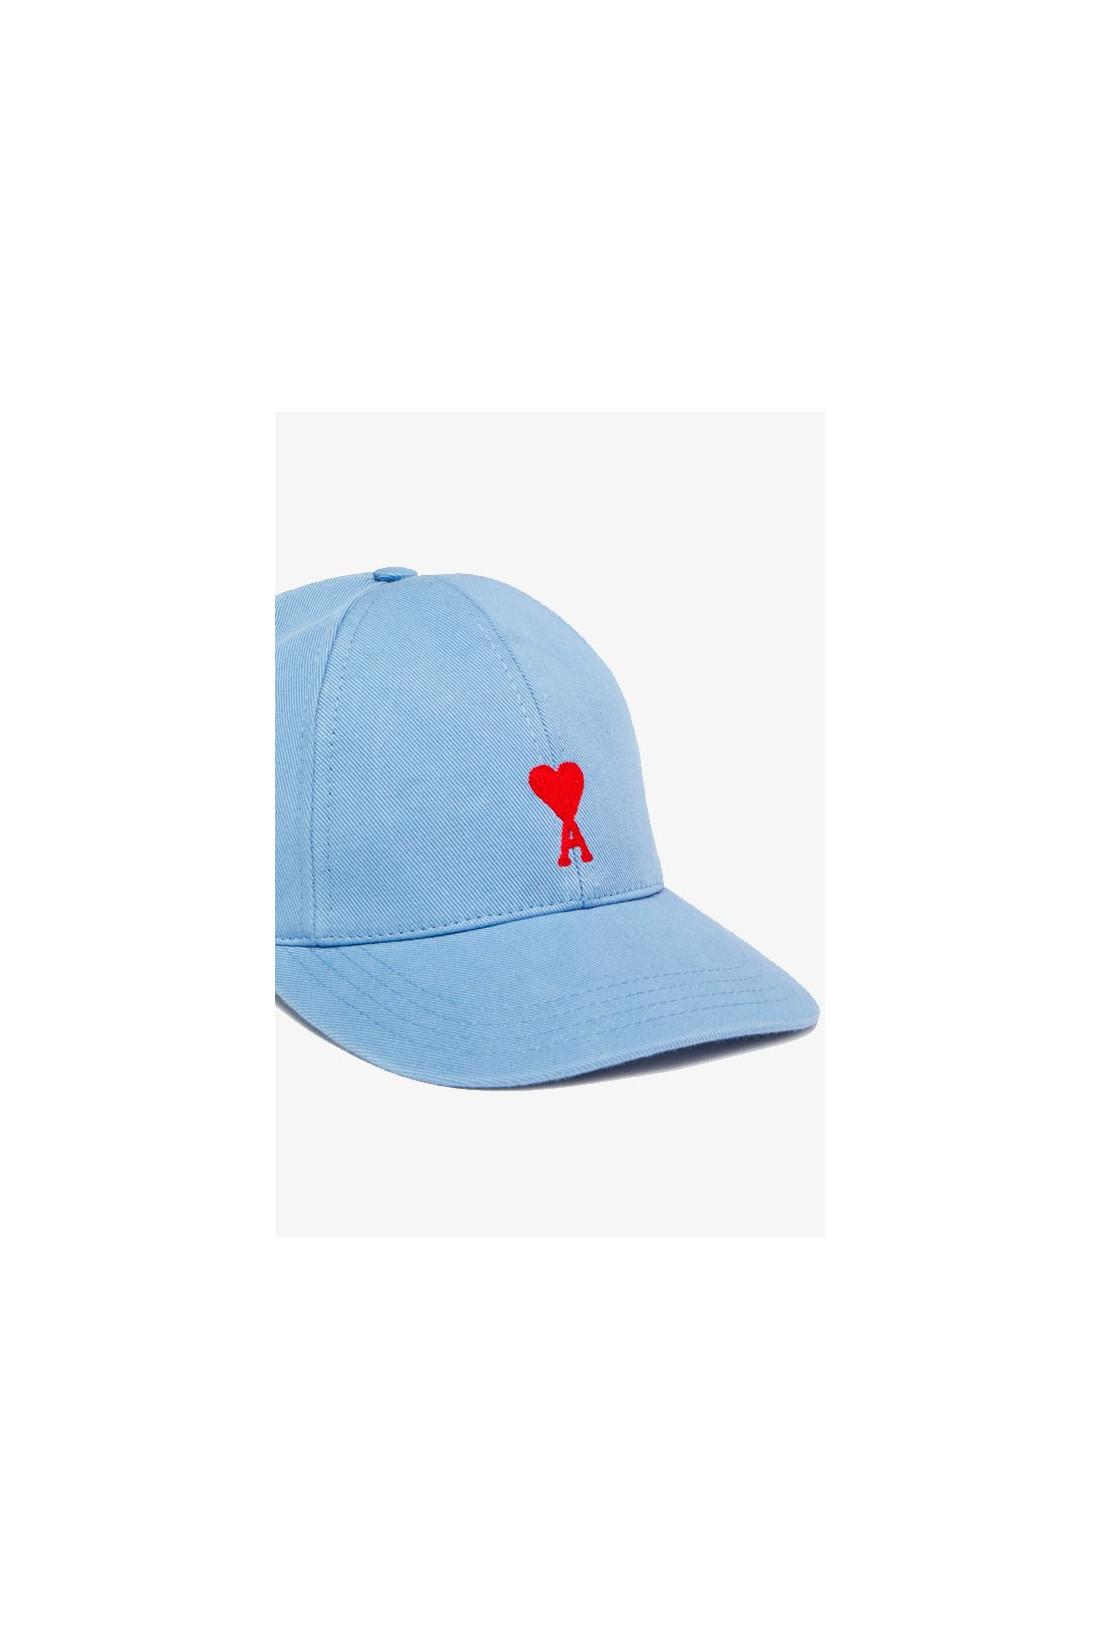 AMI / Casquette ami de coeur Bleu